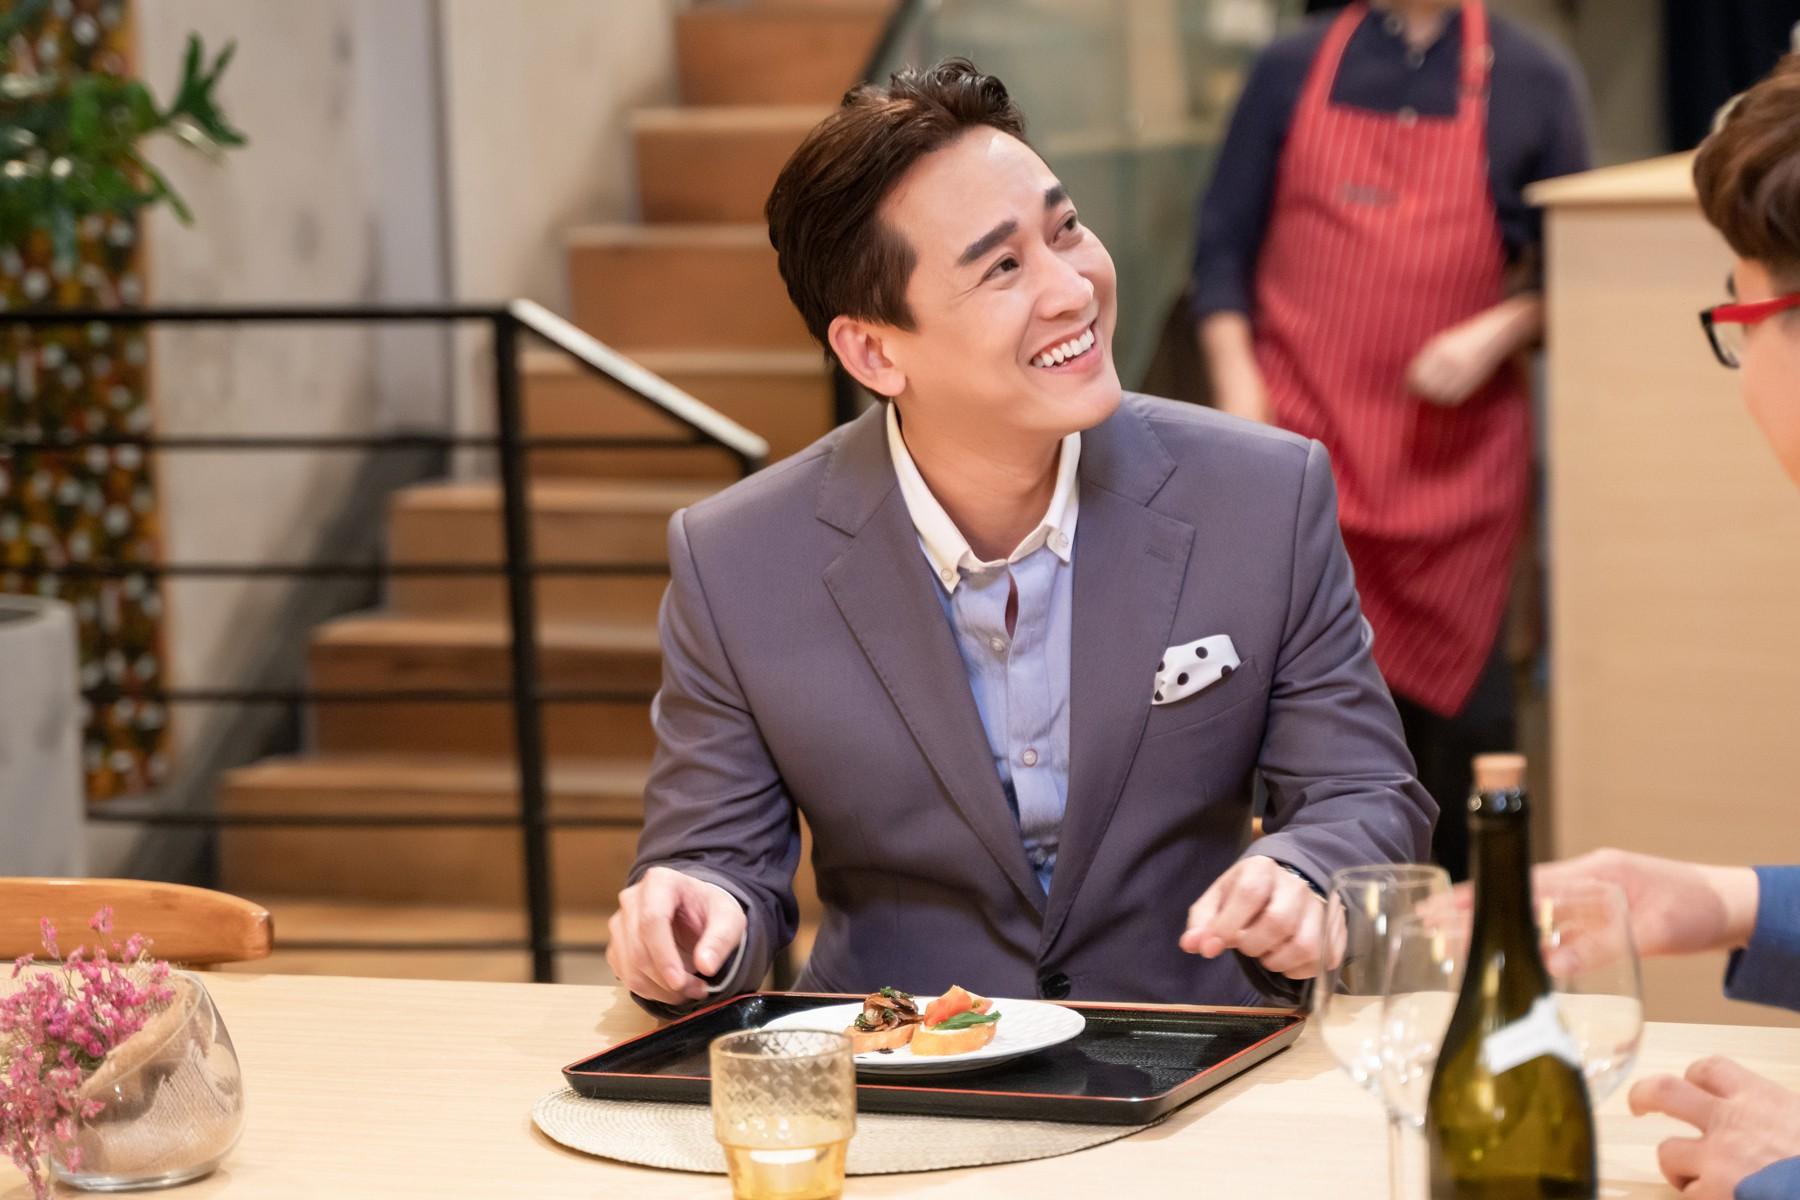 Làm nữ phục vụ xinh xắn, Hari Won bị than phiền vì thường xuyên xin ăn của đồng nghiệp  - Ảnh 9.